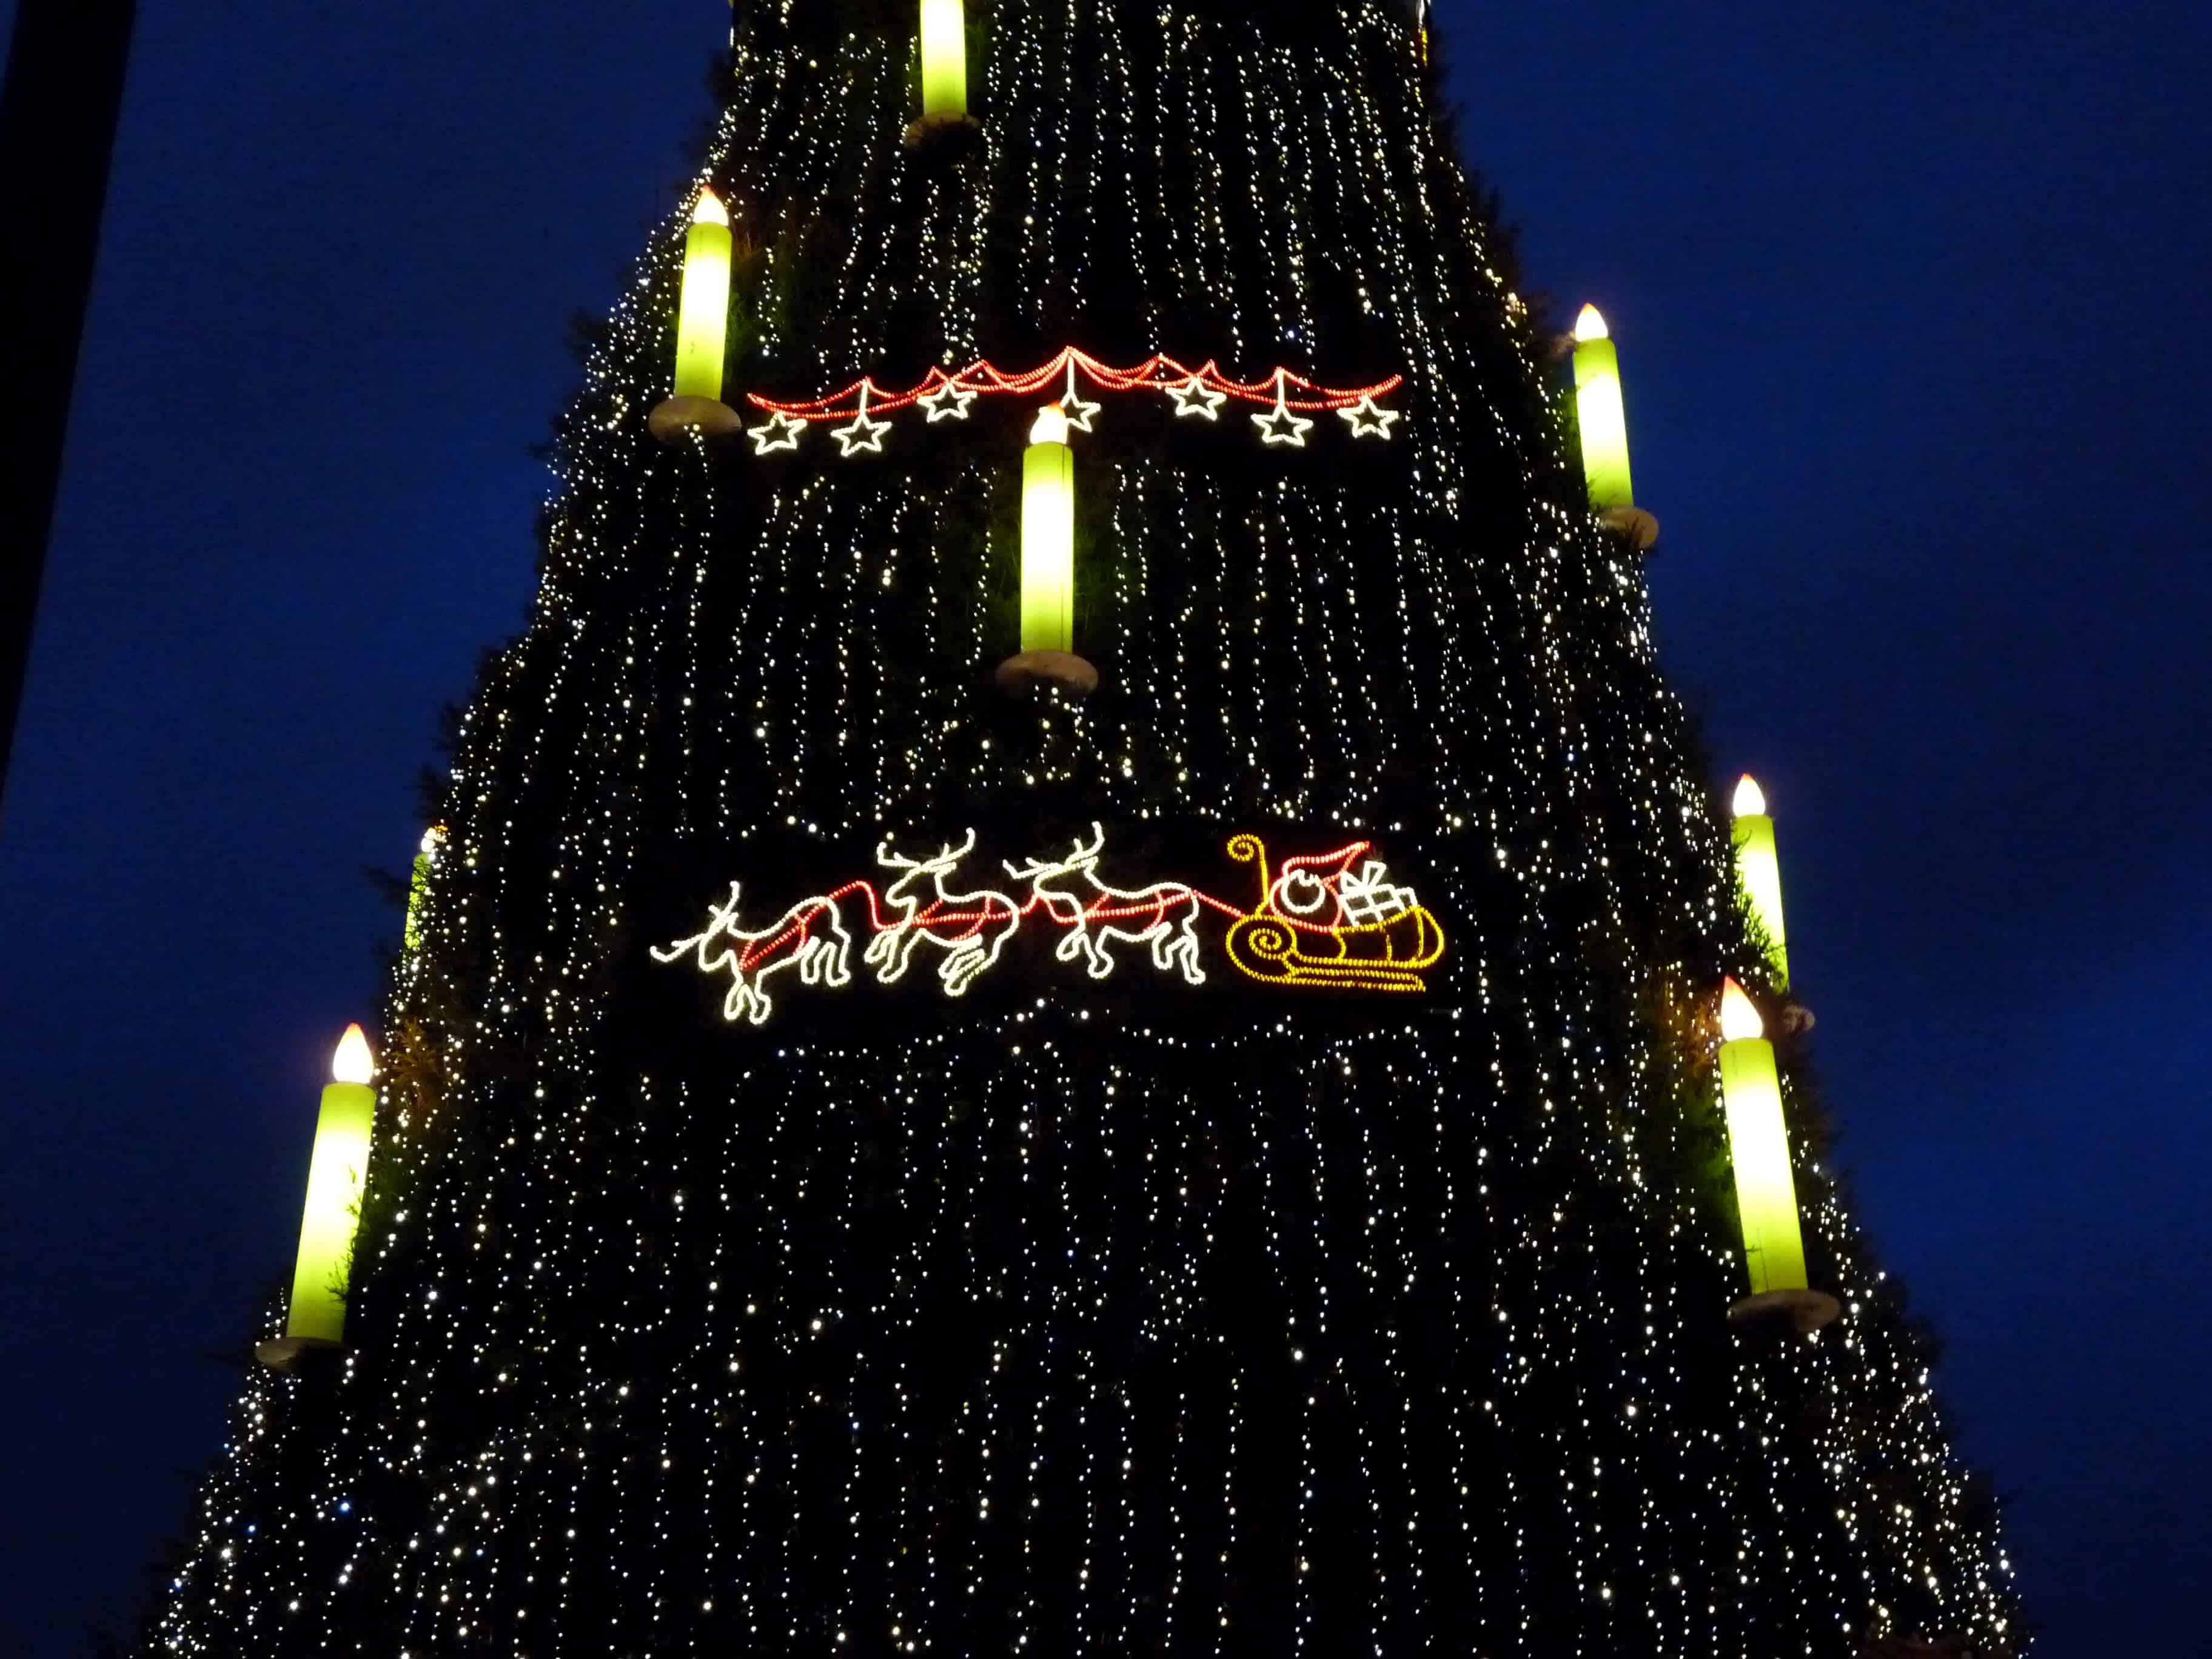 Wo Steht In New York Der Weihnachtsbaum.Der Größte Weihnachtsbaum Der Welt Nachgeharkt